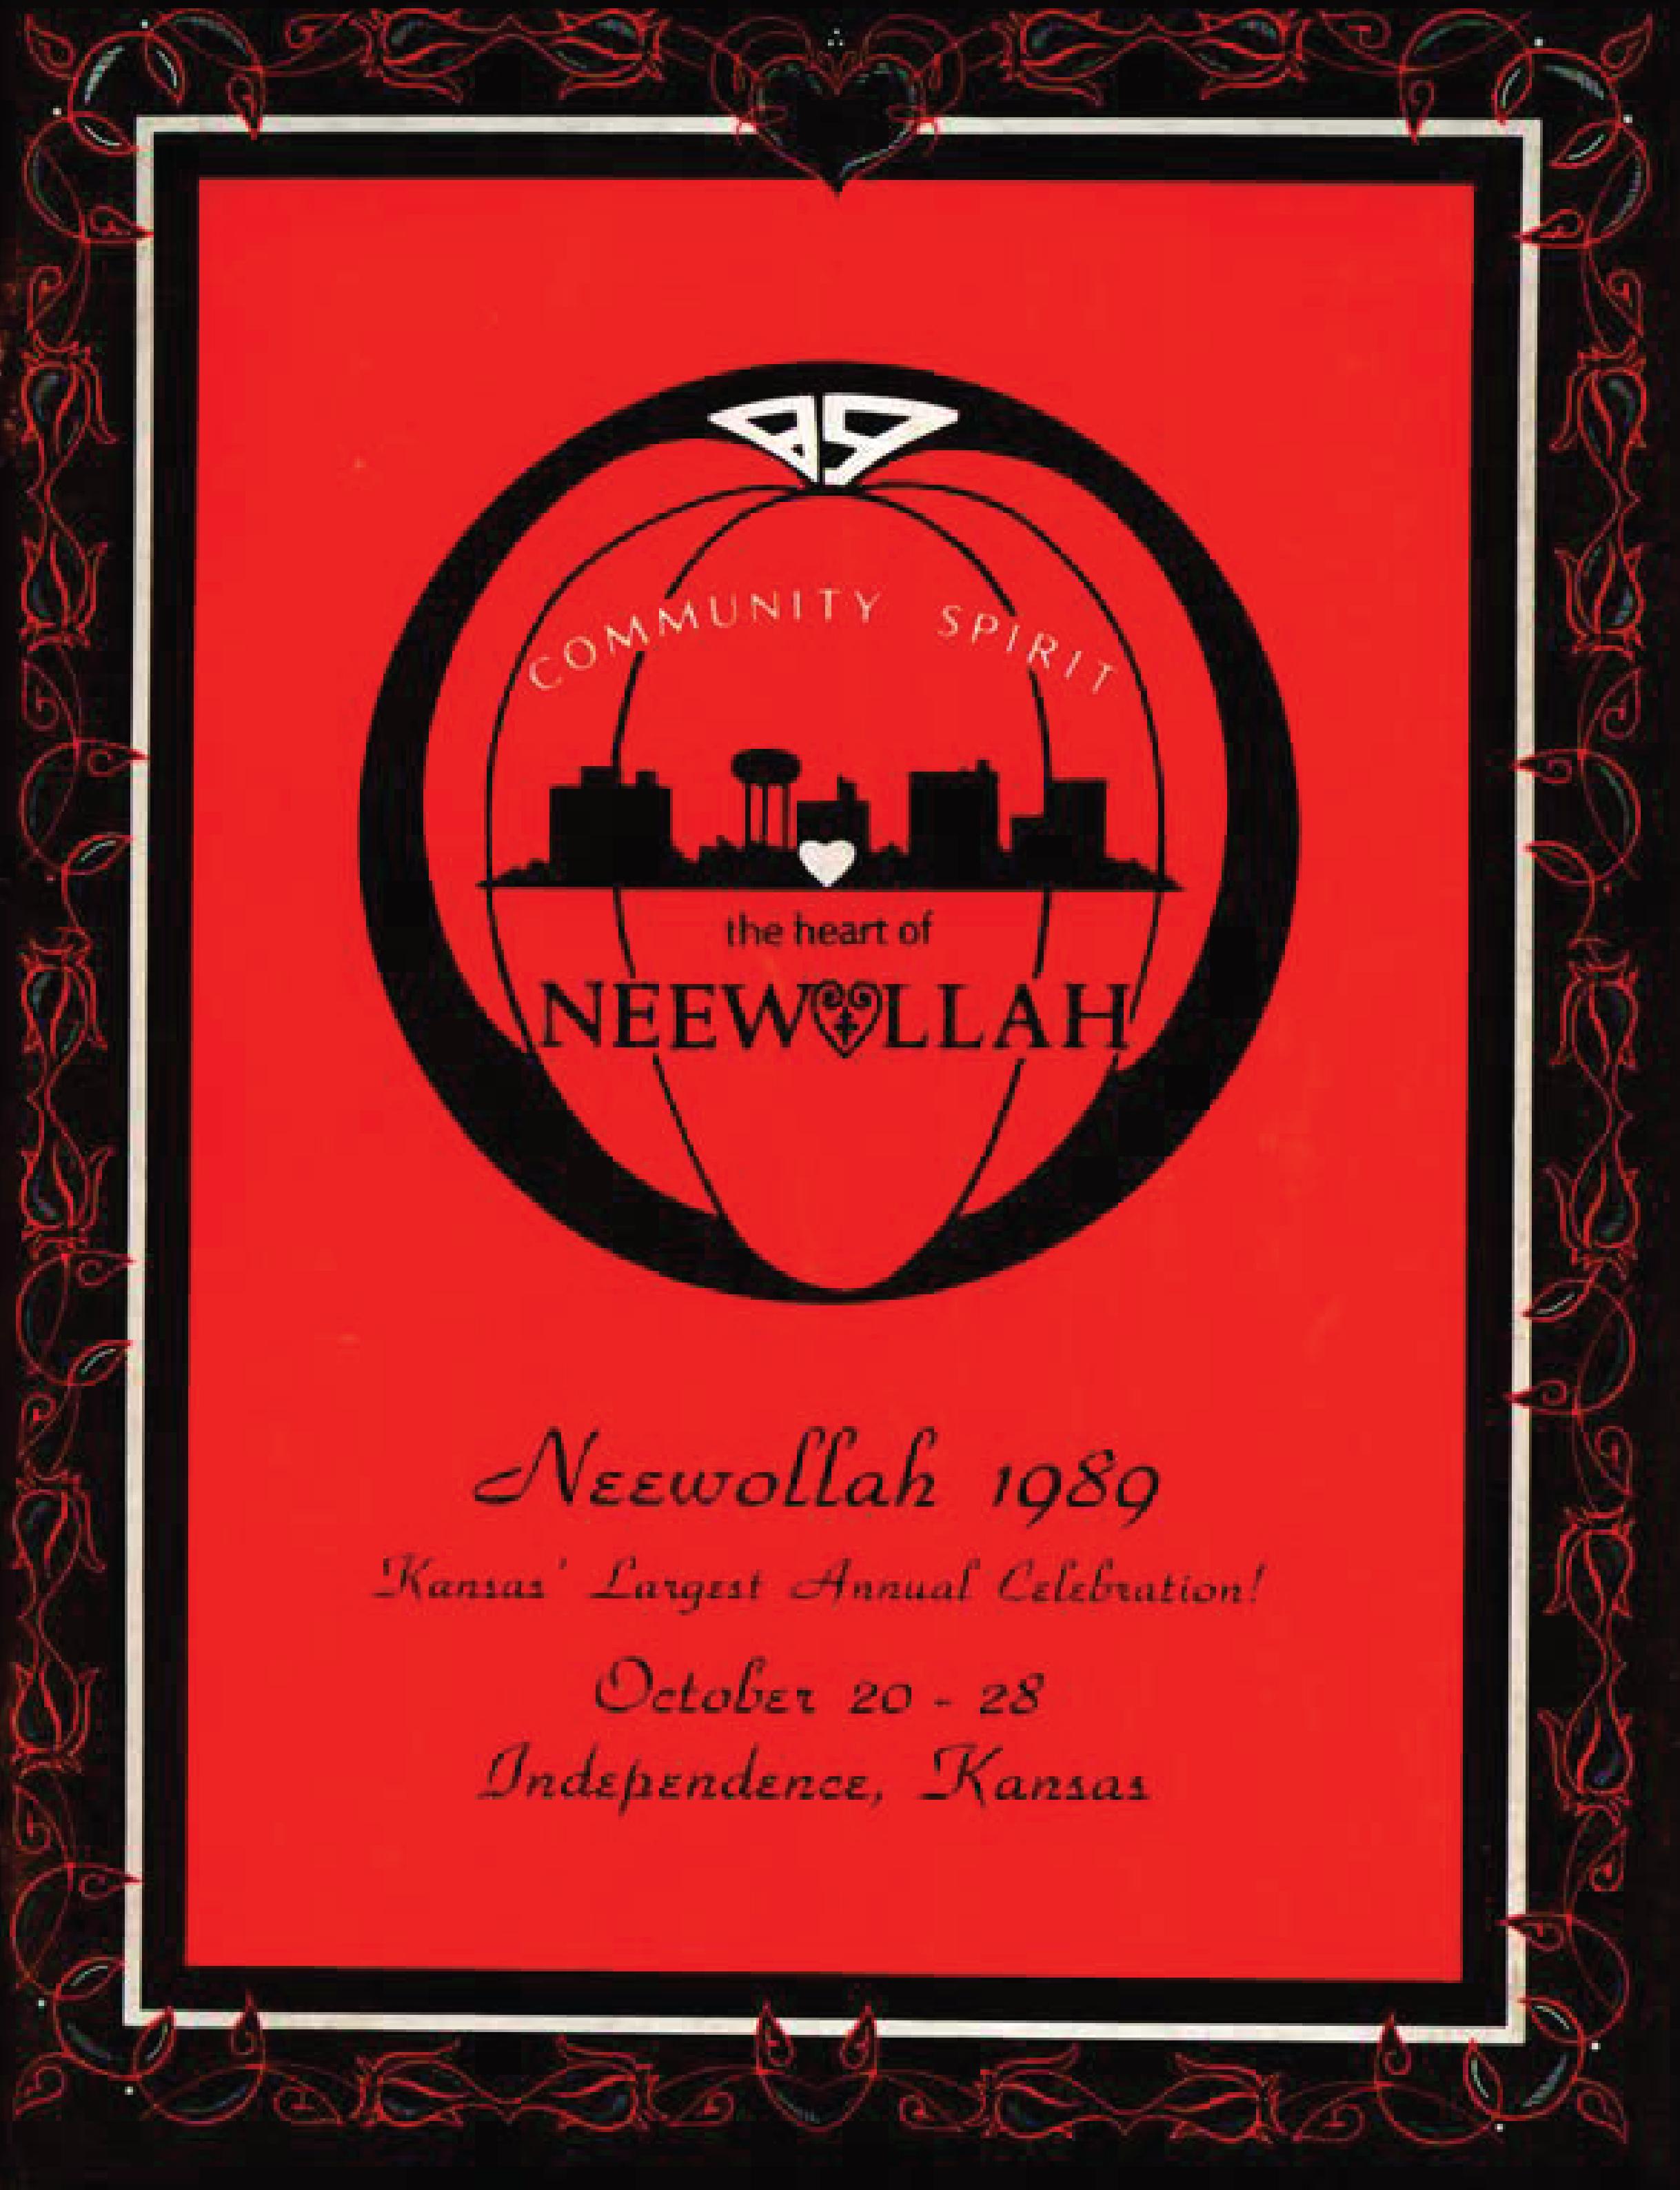 Neewollah 1989 Community Spirit the Heart of Neewollah